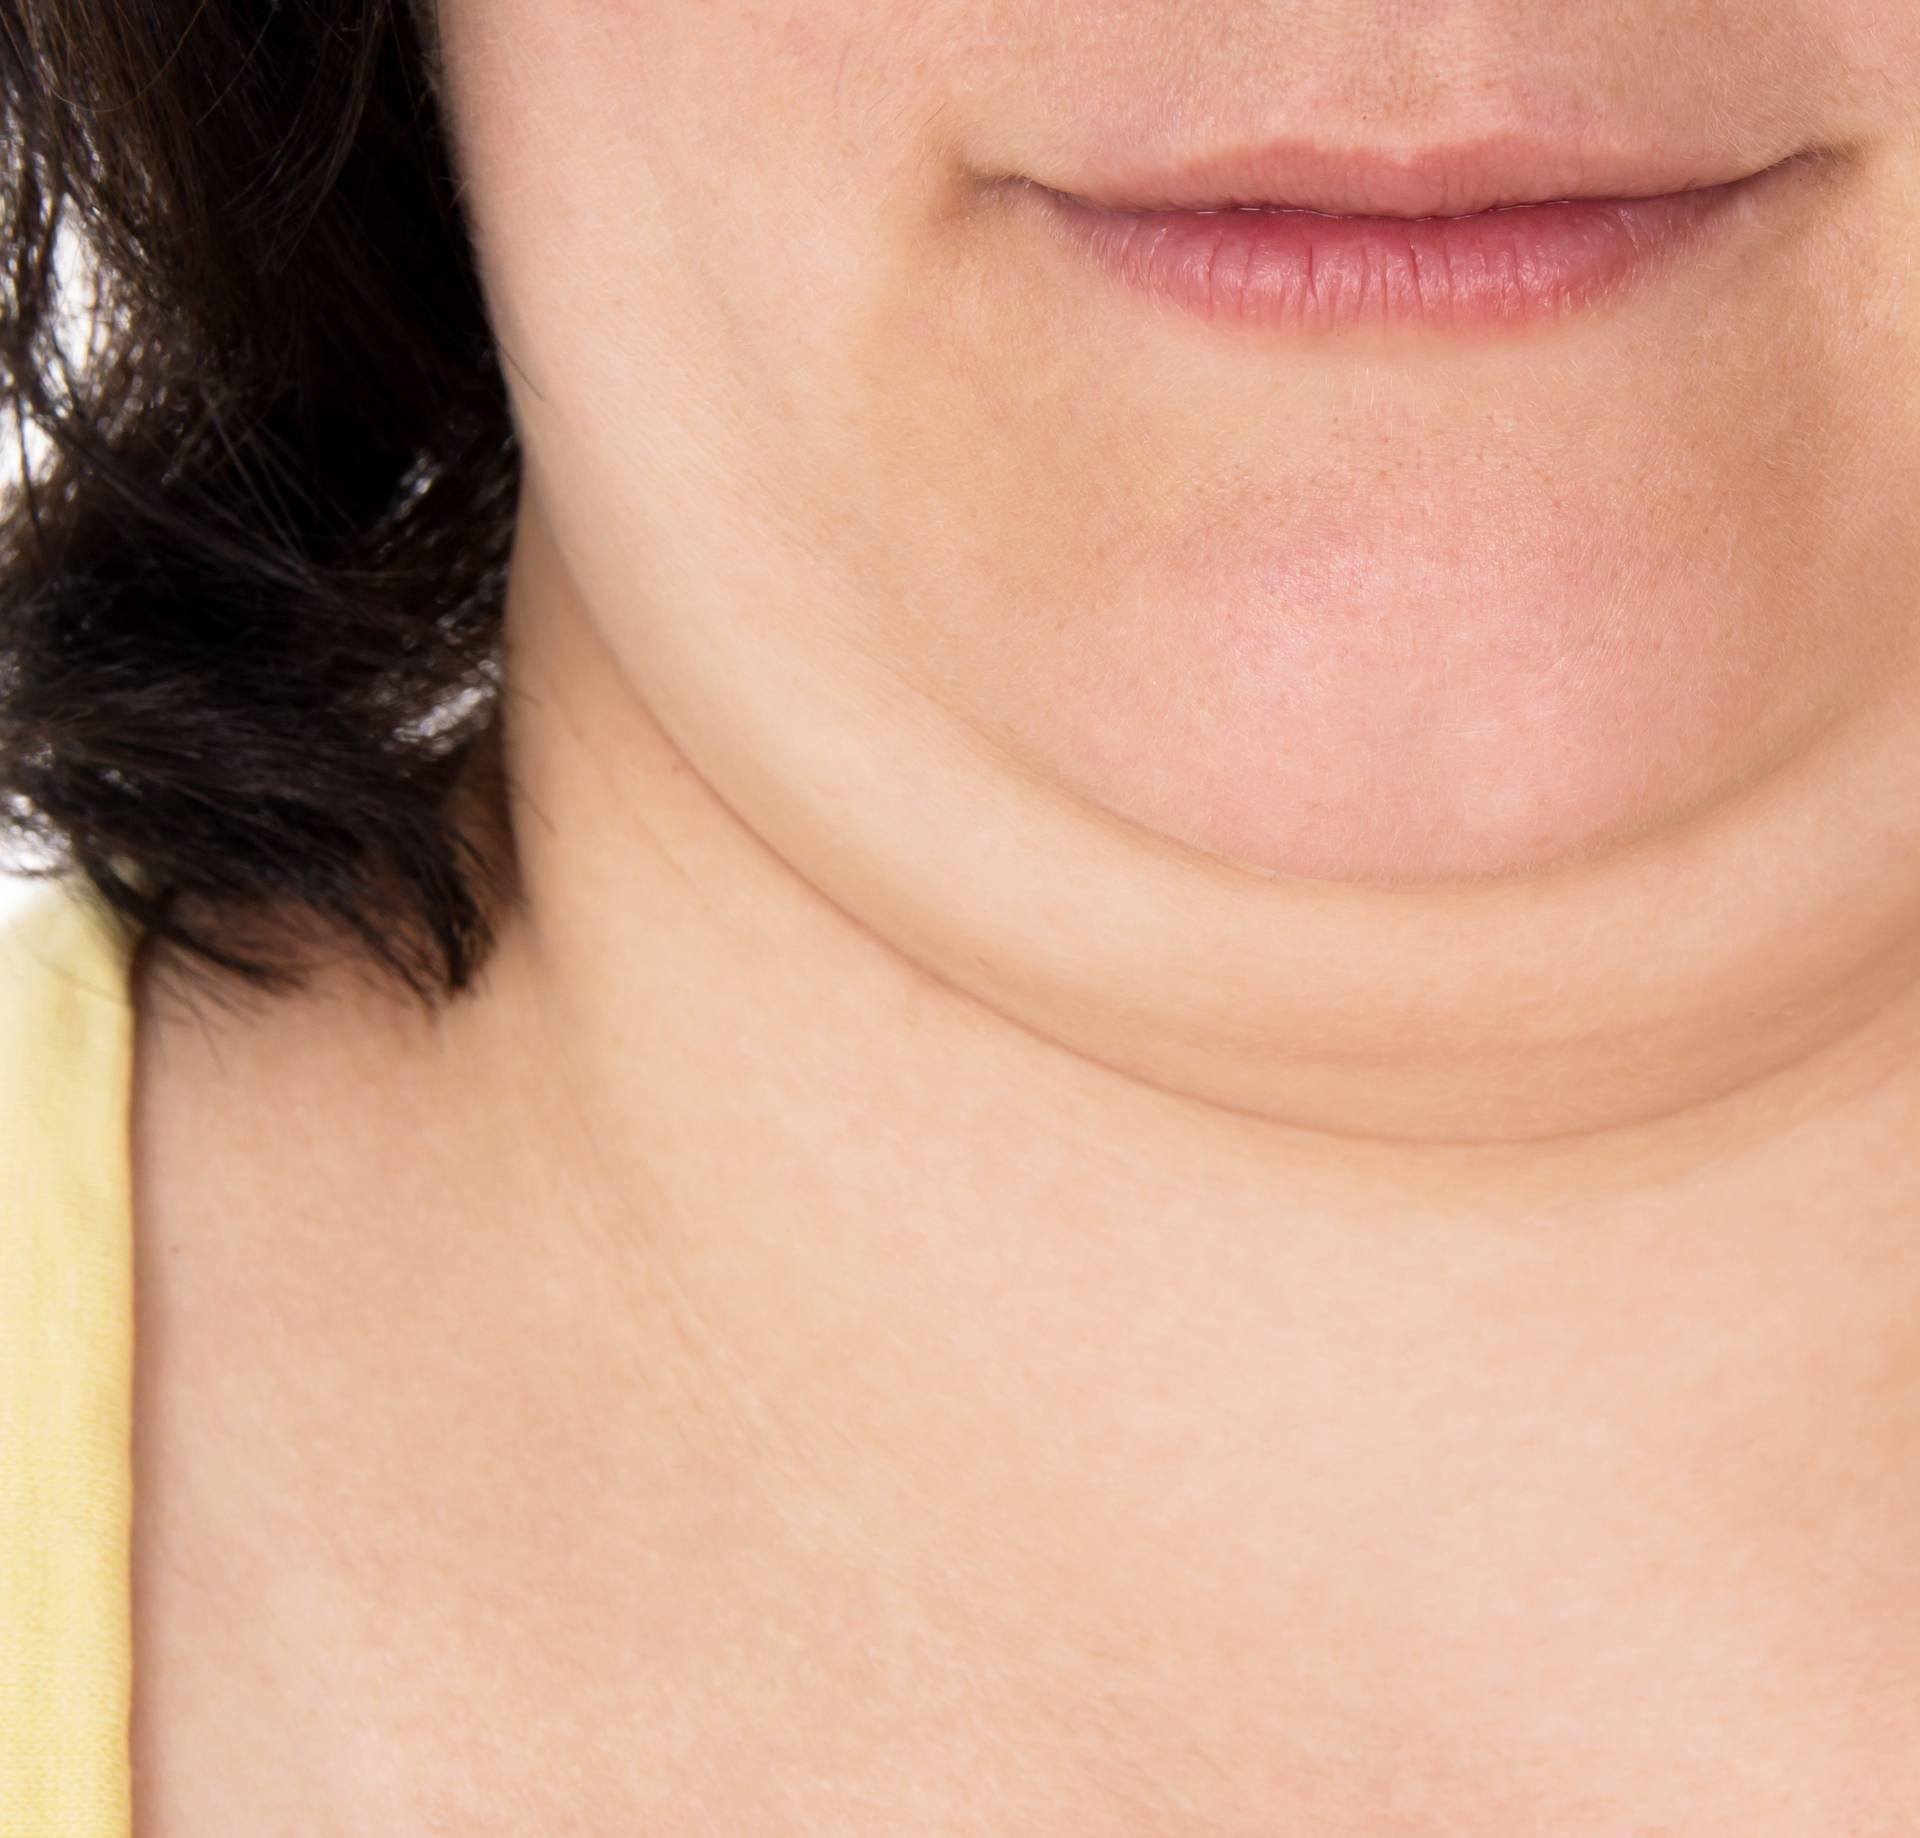 Sve metode protiv podbratka: Vježbe, smrzavanje, liposukcija